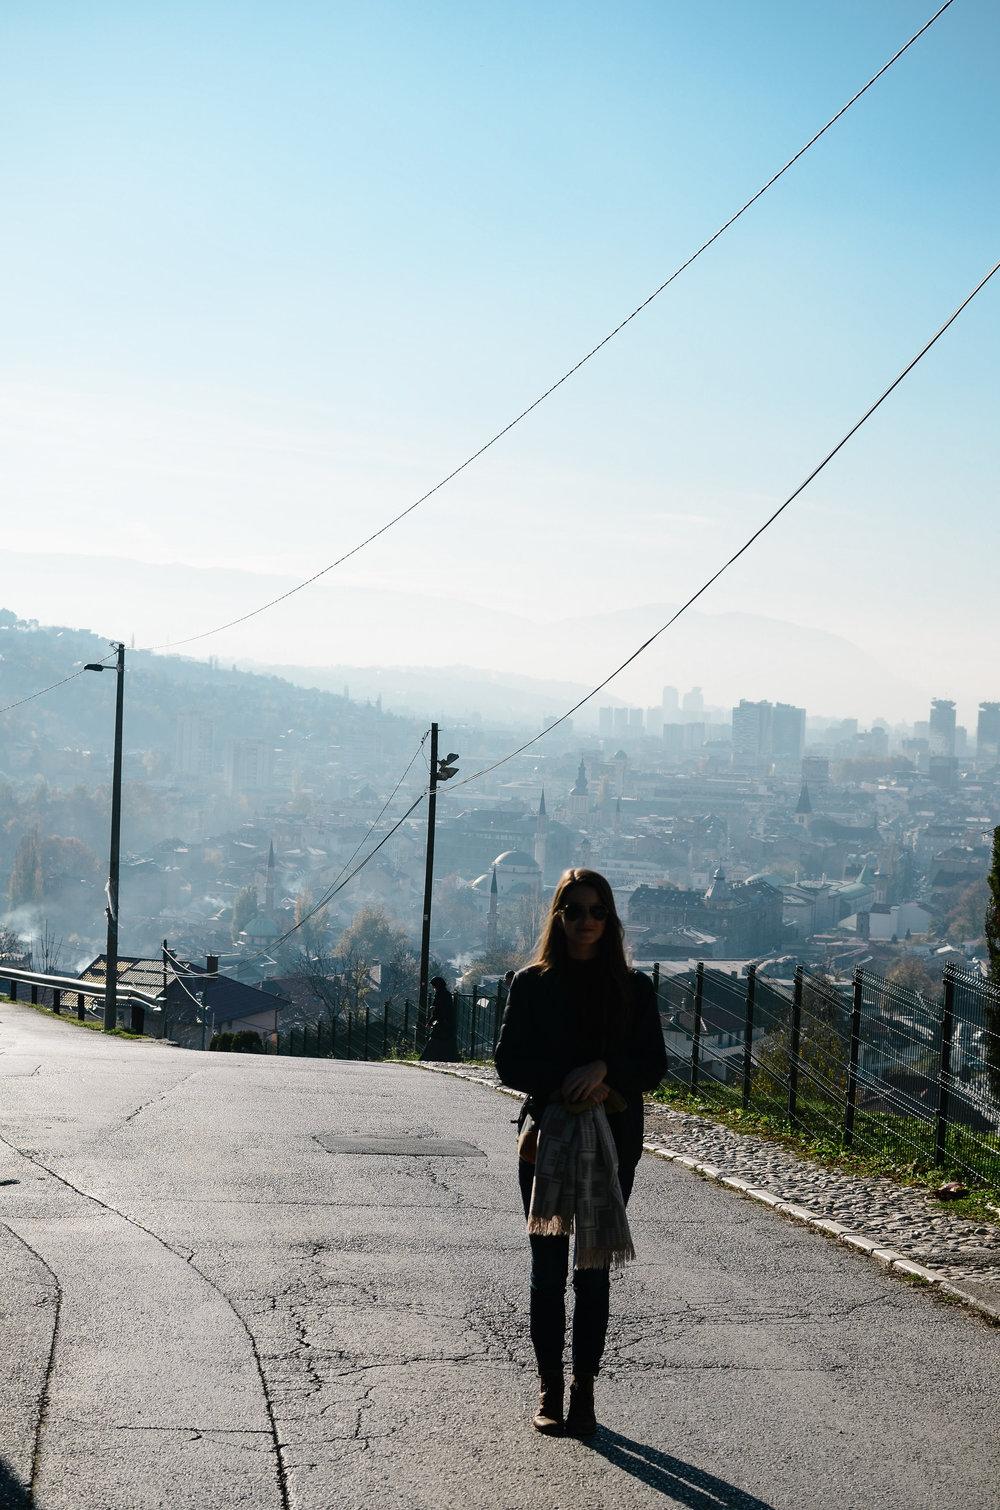 bosnia-travel-sarajevo-guide-lifeonpine_DSC_2751.jpg